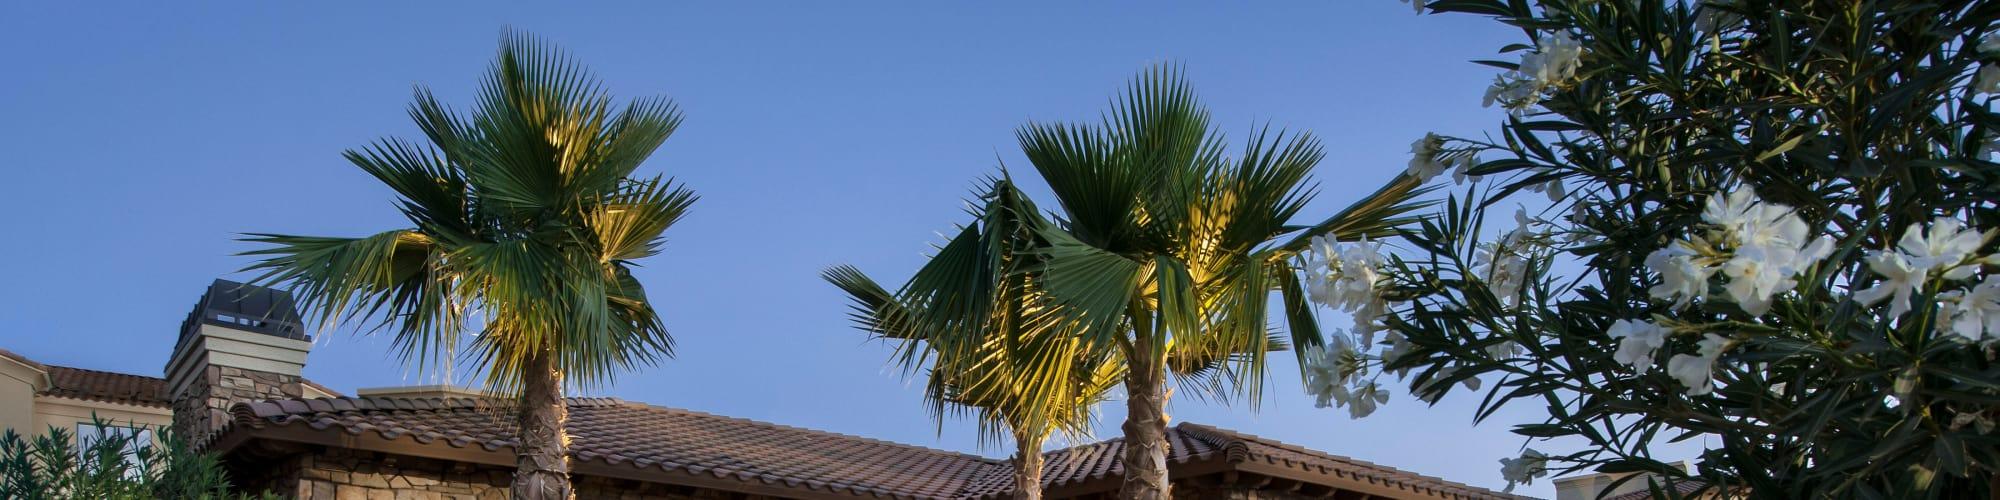 Virtual tour of San Privada in Gilbert, Arizona